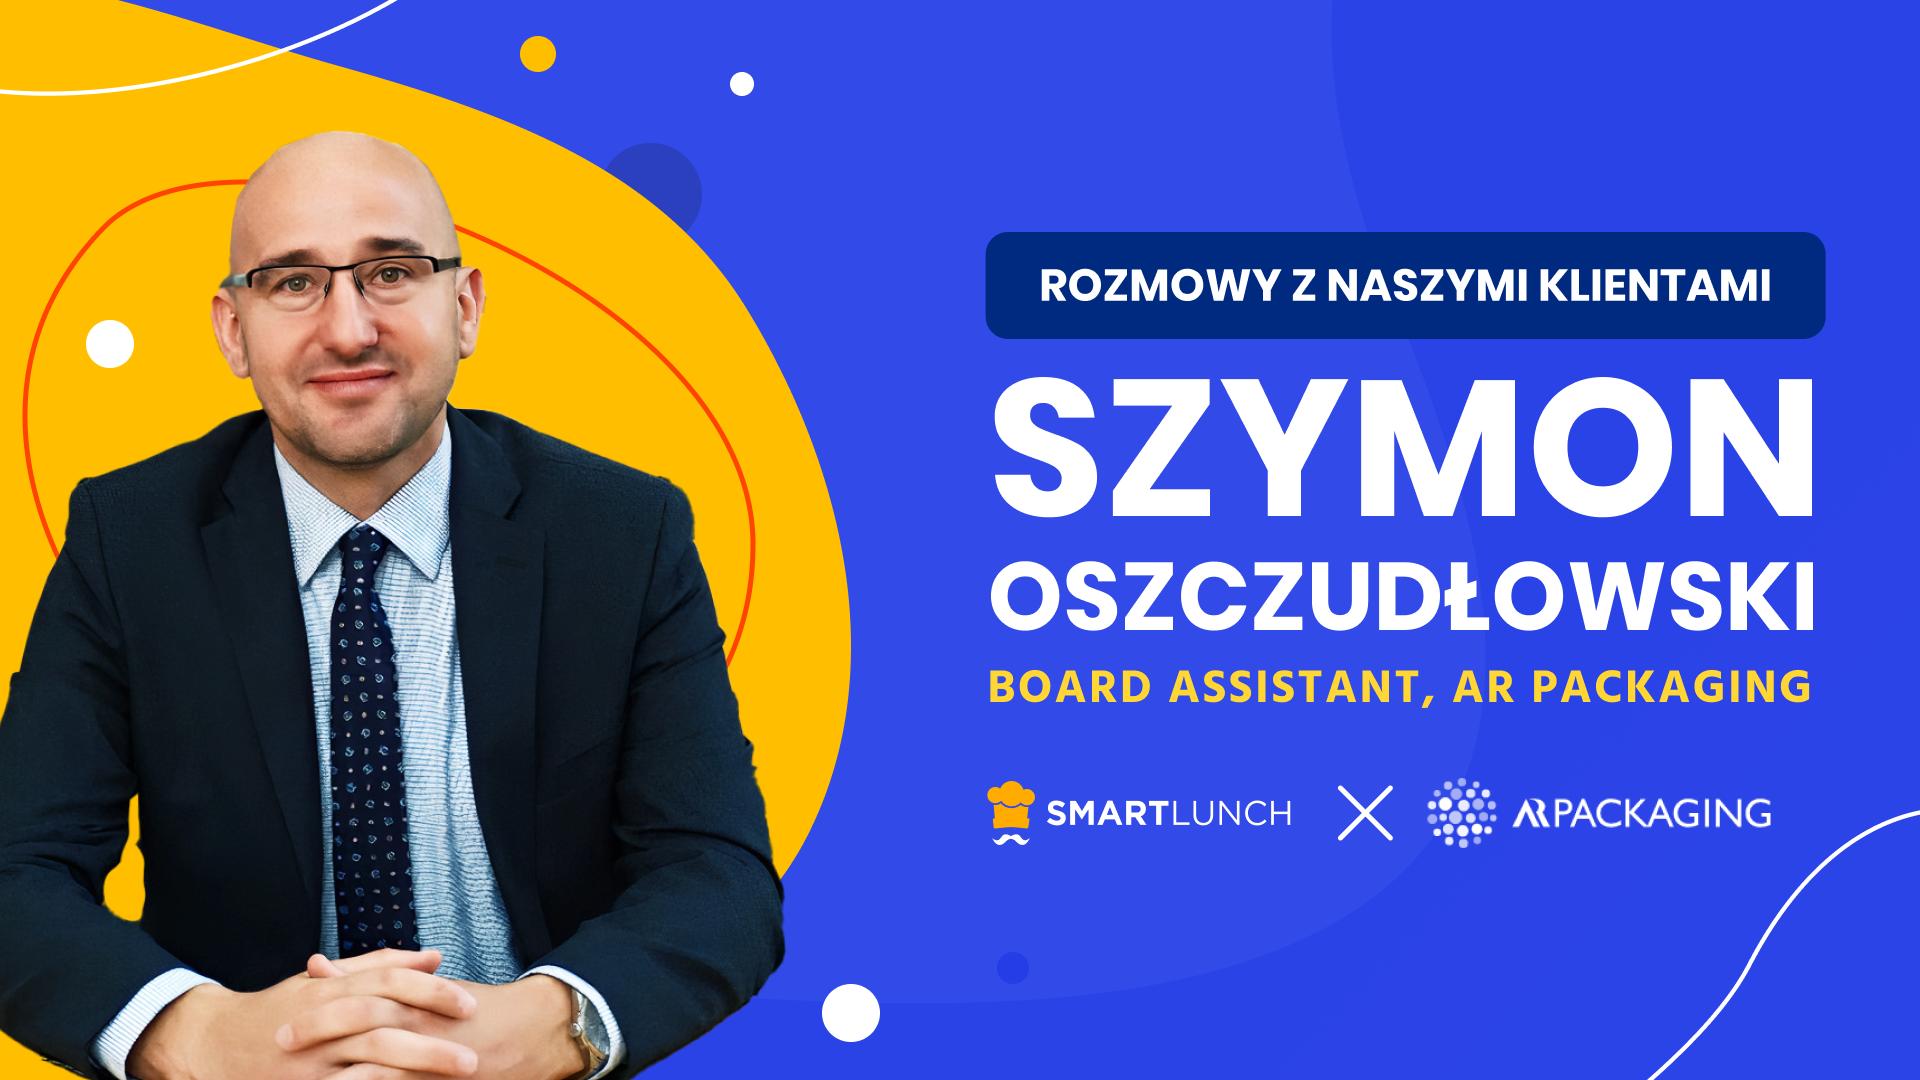 Posiłki jako benefit na każdy czas - Szymon Oszczudłowski z AR Packaging Poznań S.A. opowiada o tym, dlaczego w czasie epidemii koronawirusa postawili na posiłki dla pracowników